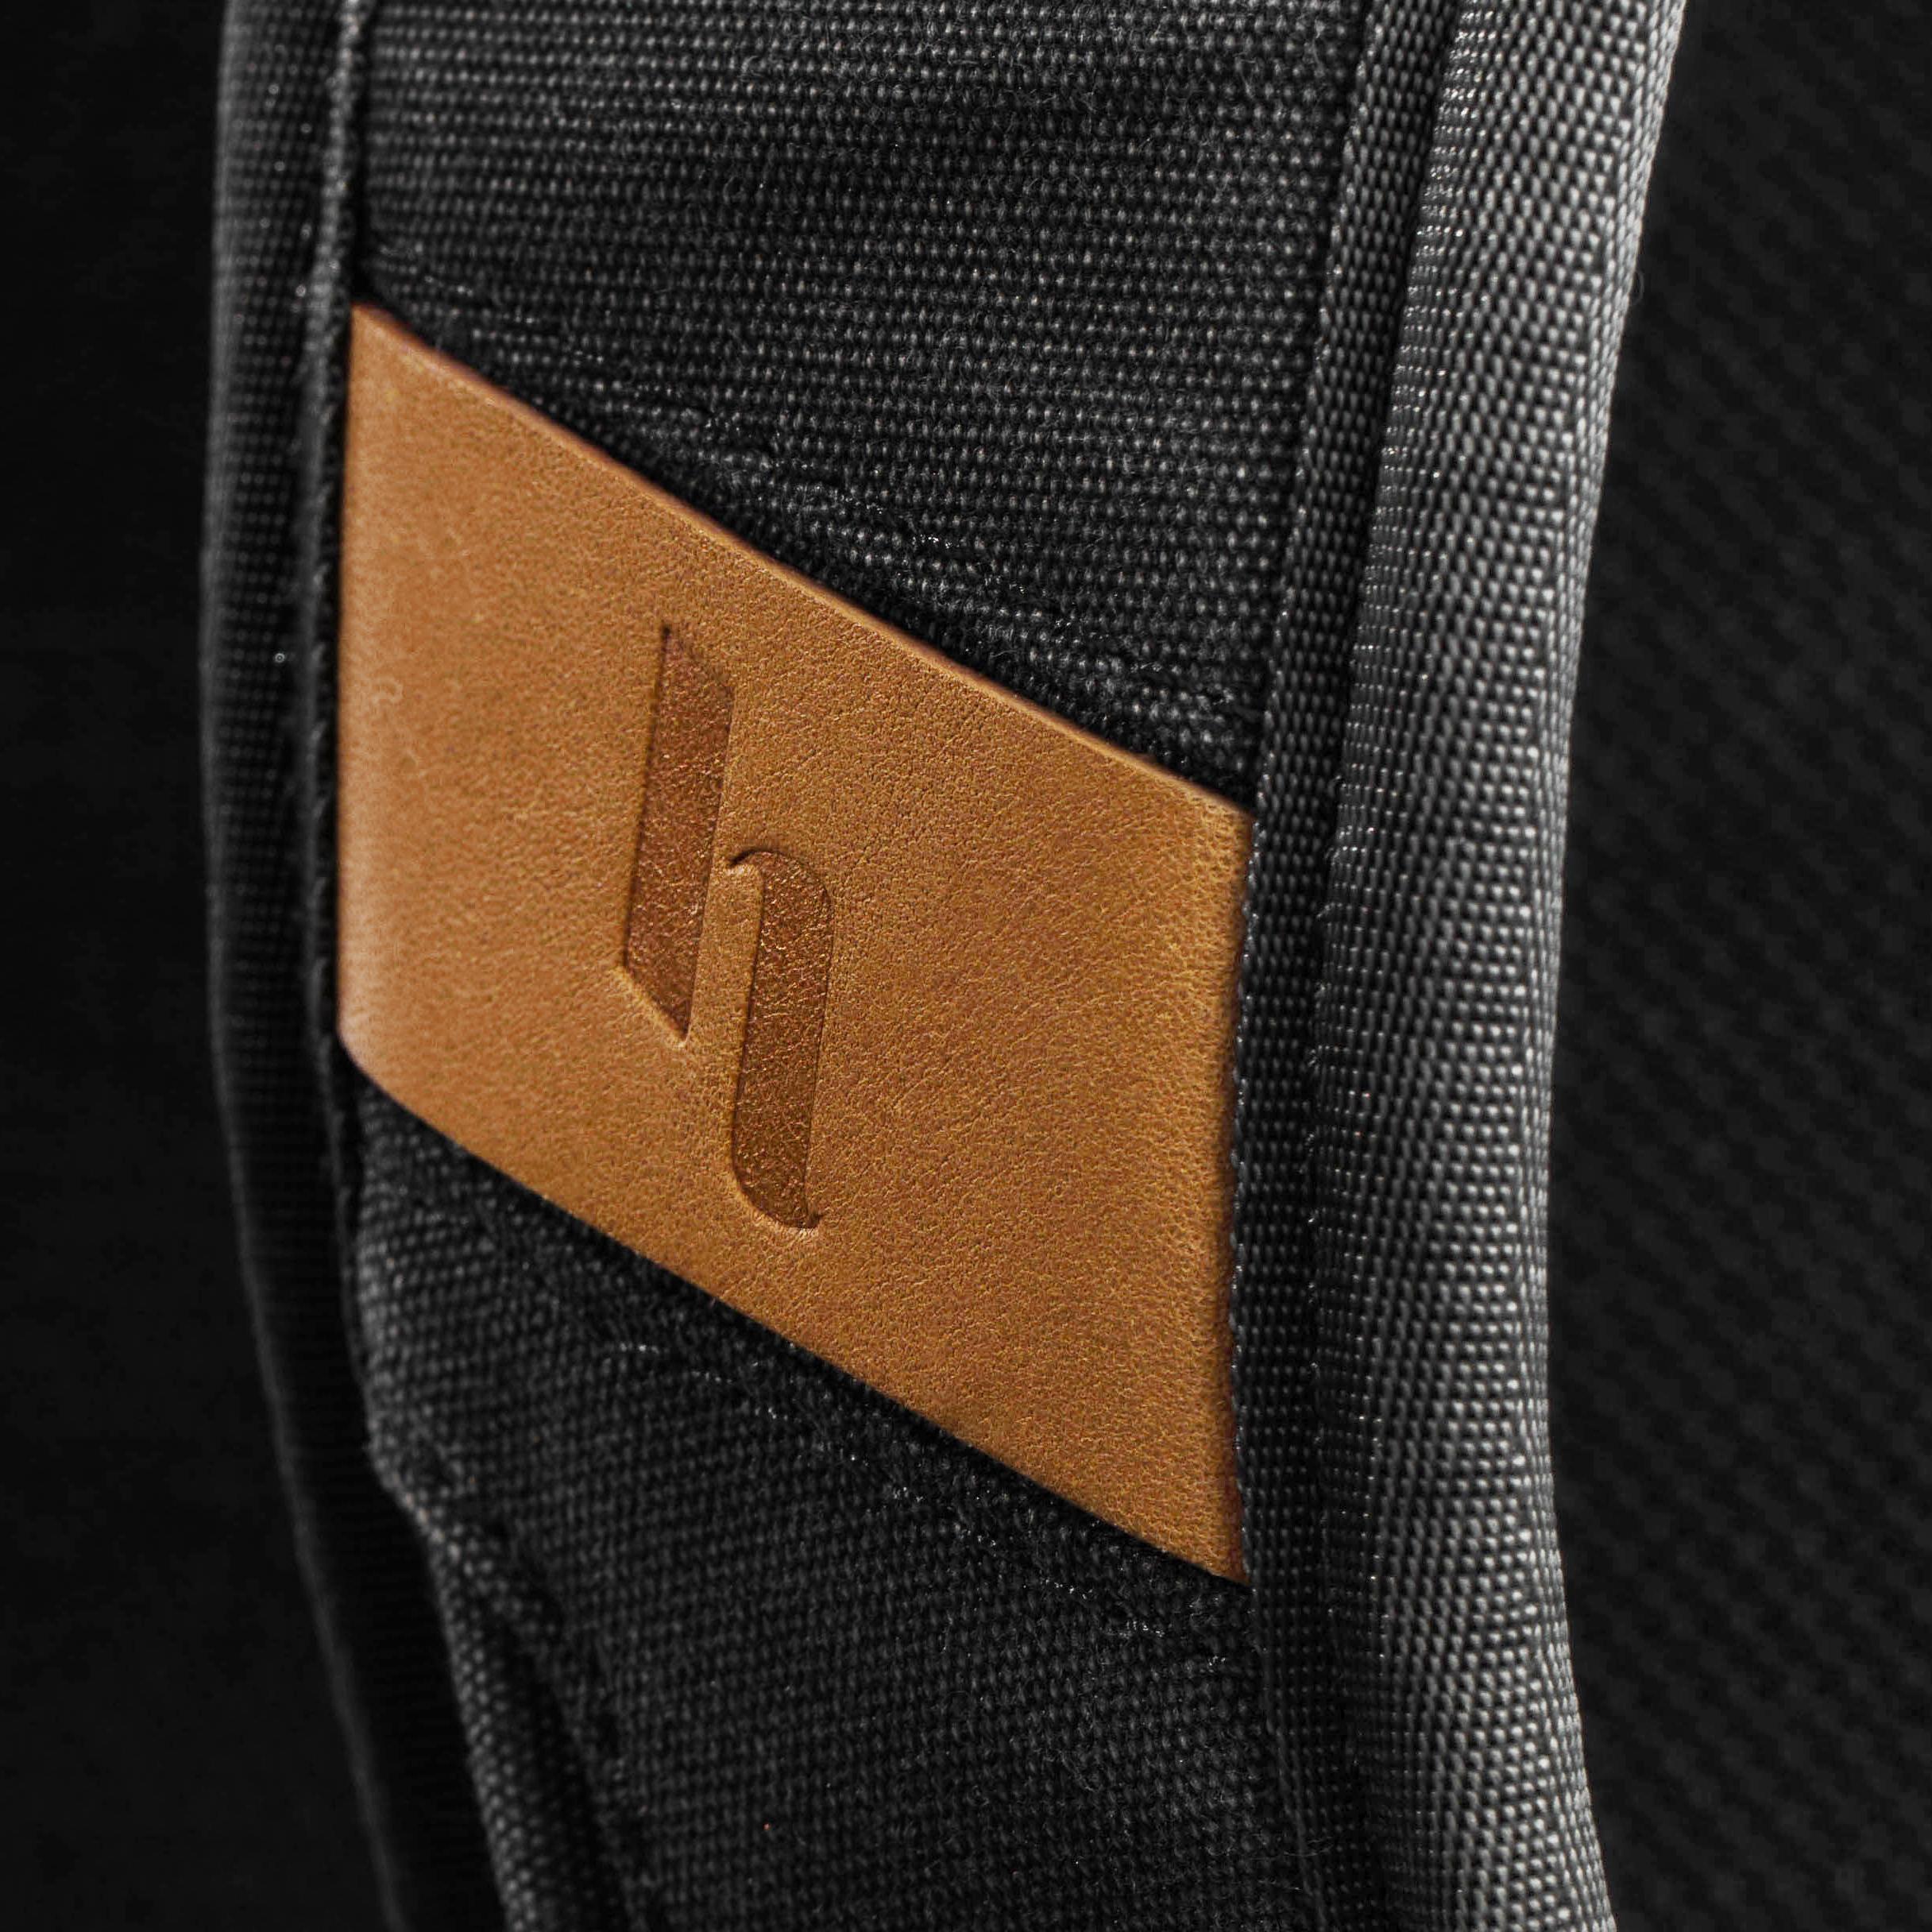 Holdland backpack detail strap logo